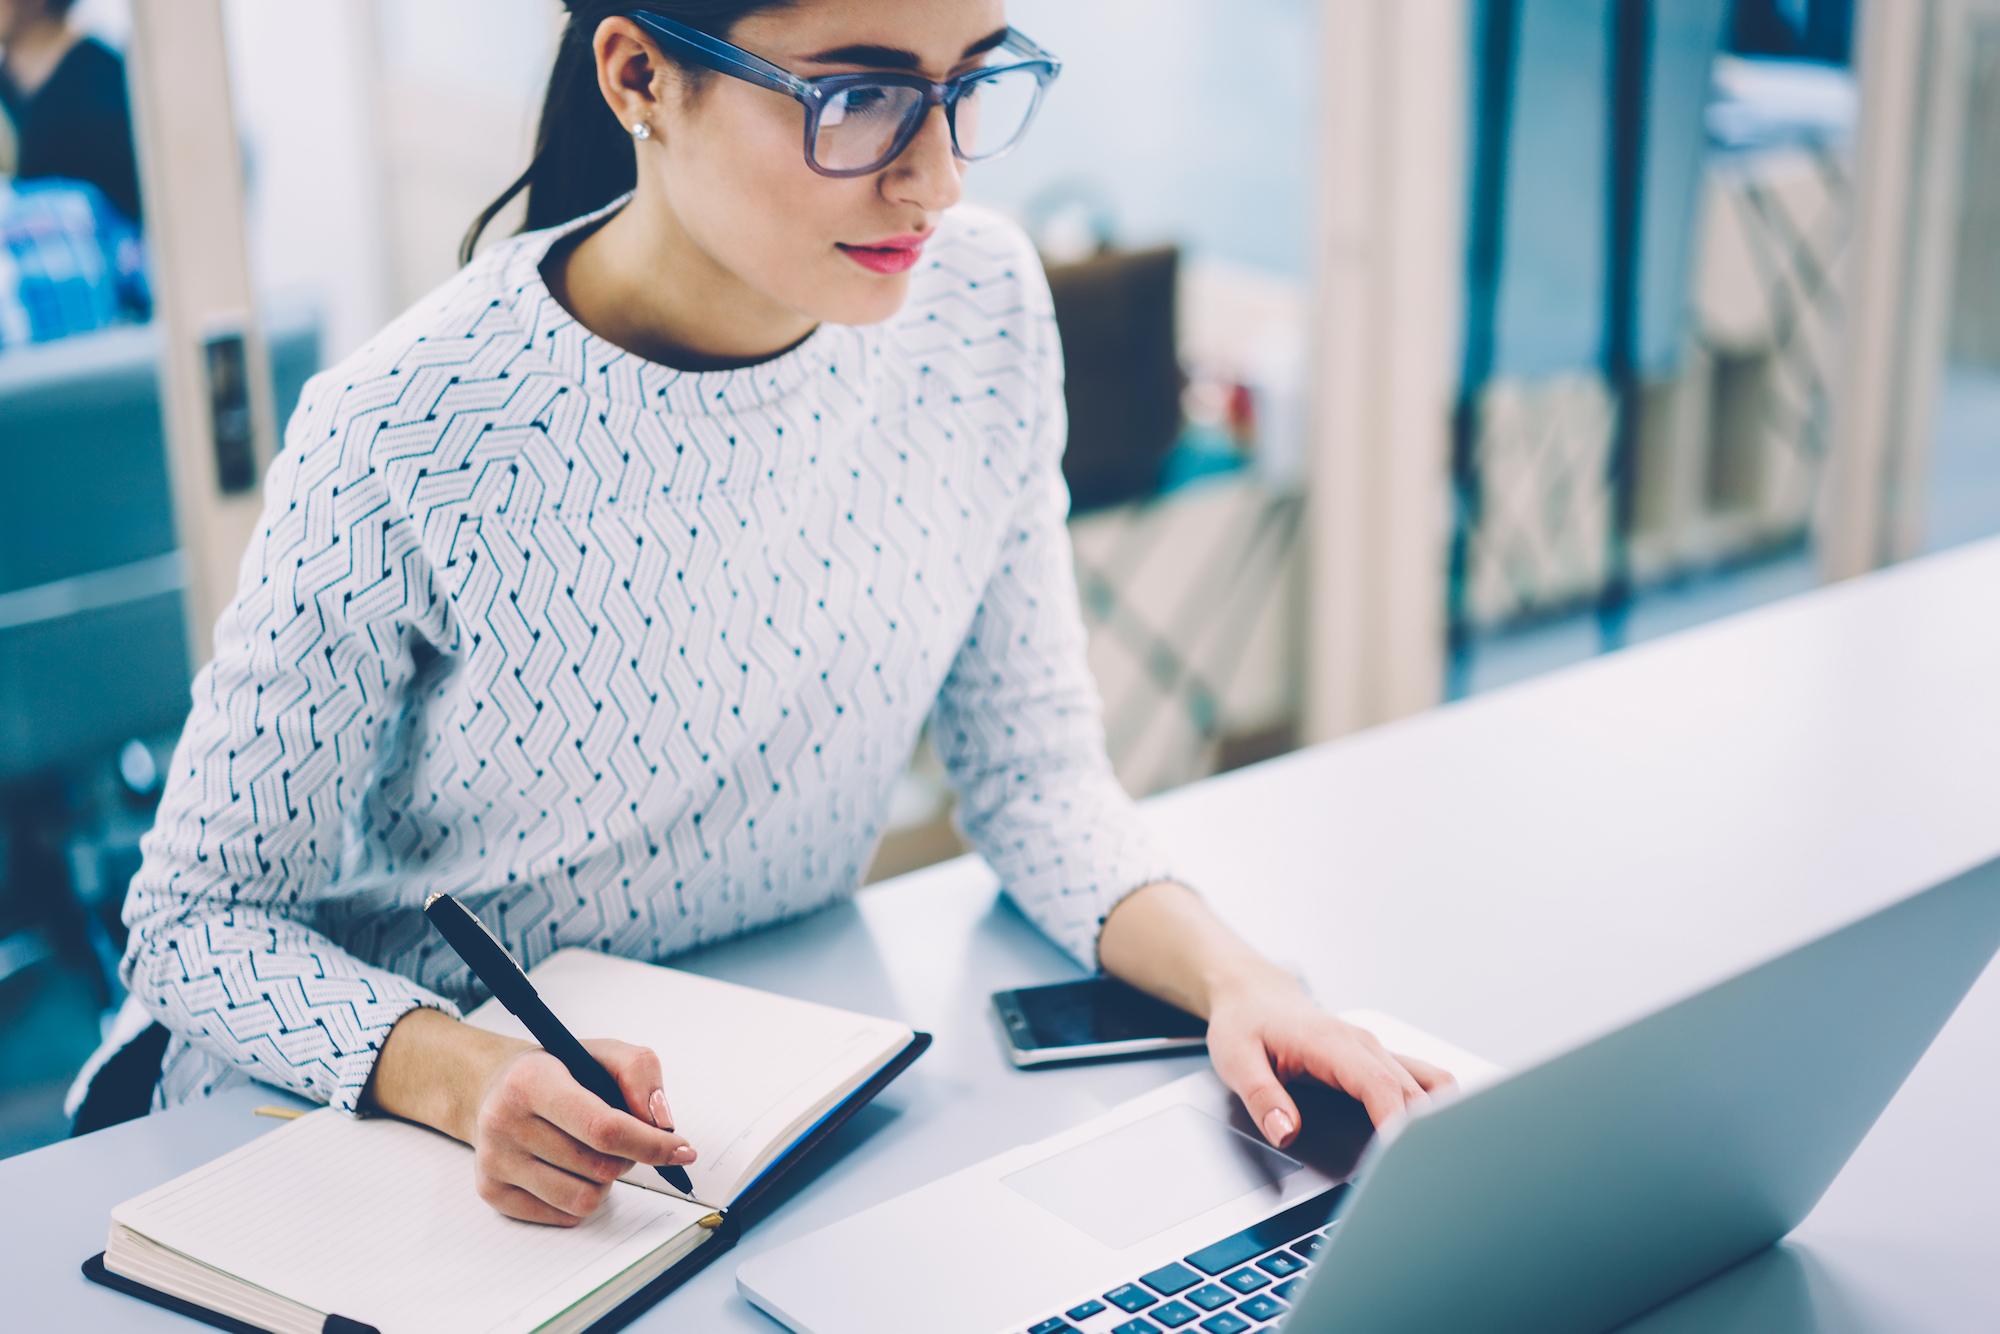 63 proc. kobiet w wieku 15-64 lata jest aktywna zawodowo (fot. Shutterstock)